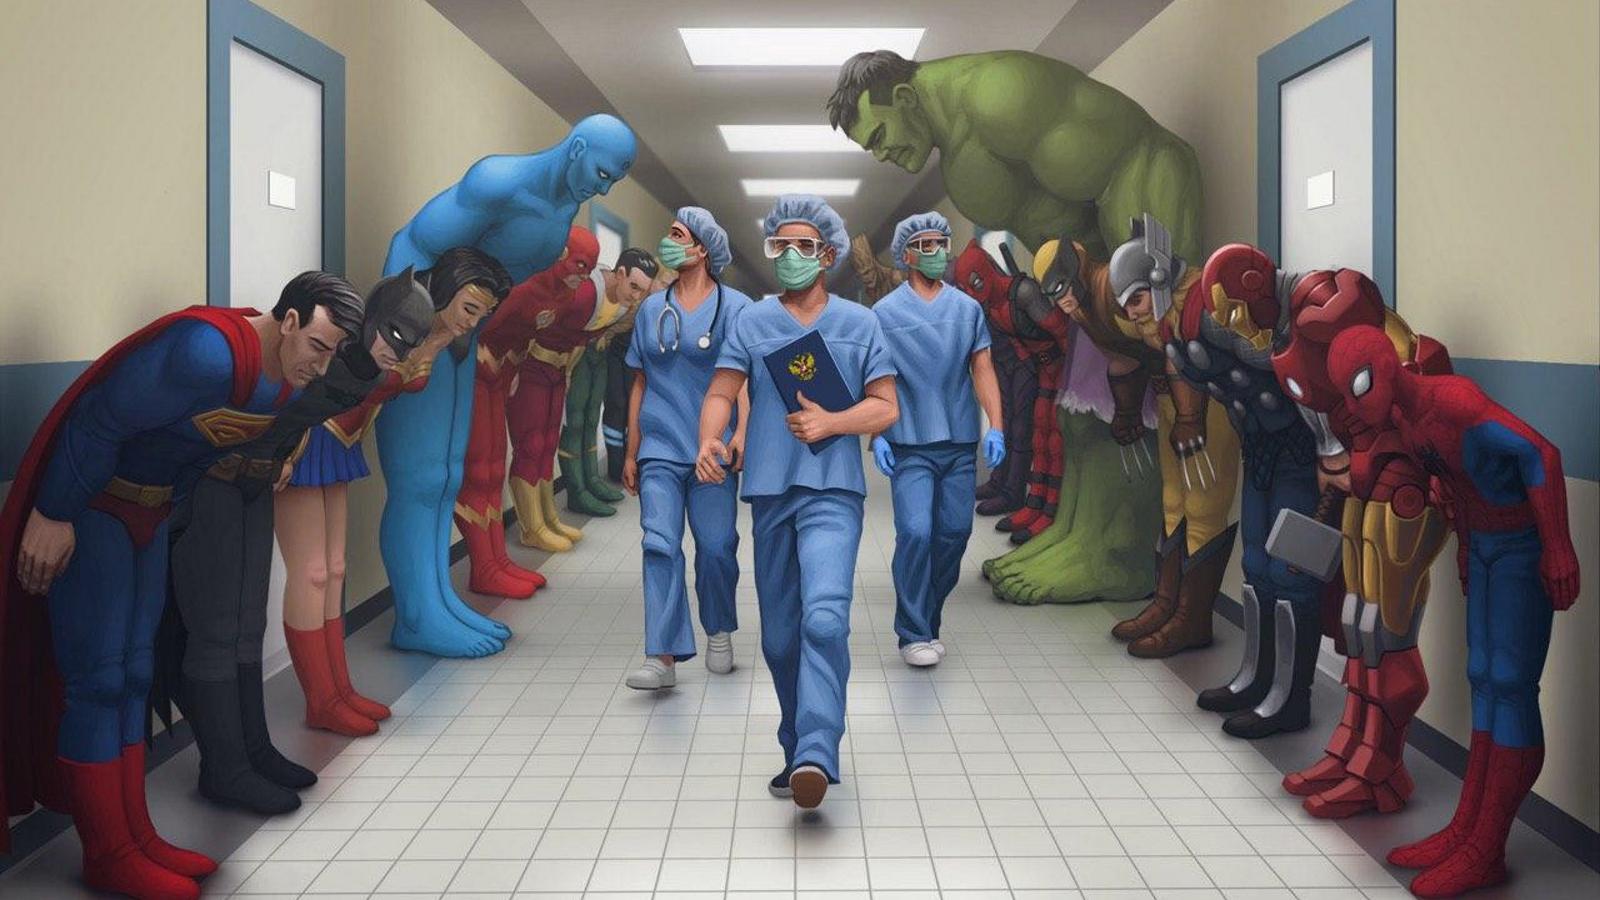 Các siêu anh hùng Cúi đầu trong Hành lang bệnh viện (Superheroes Bowing in a Hospital Hallway)